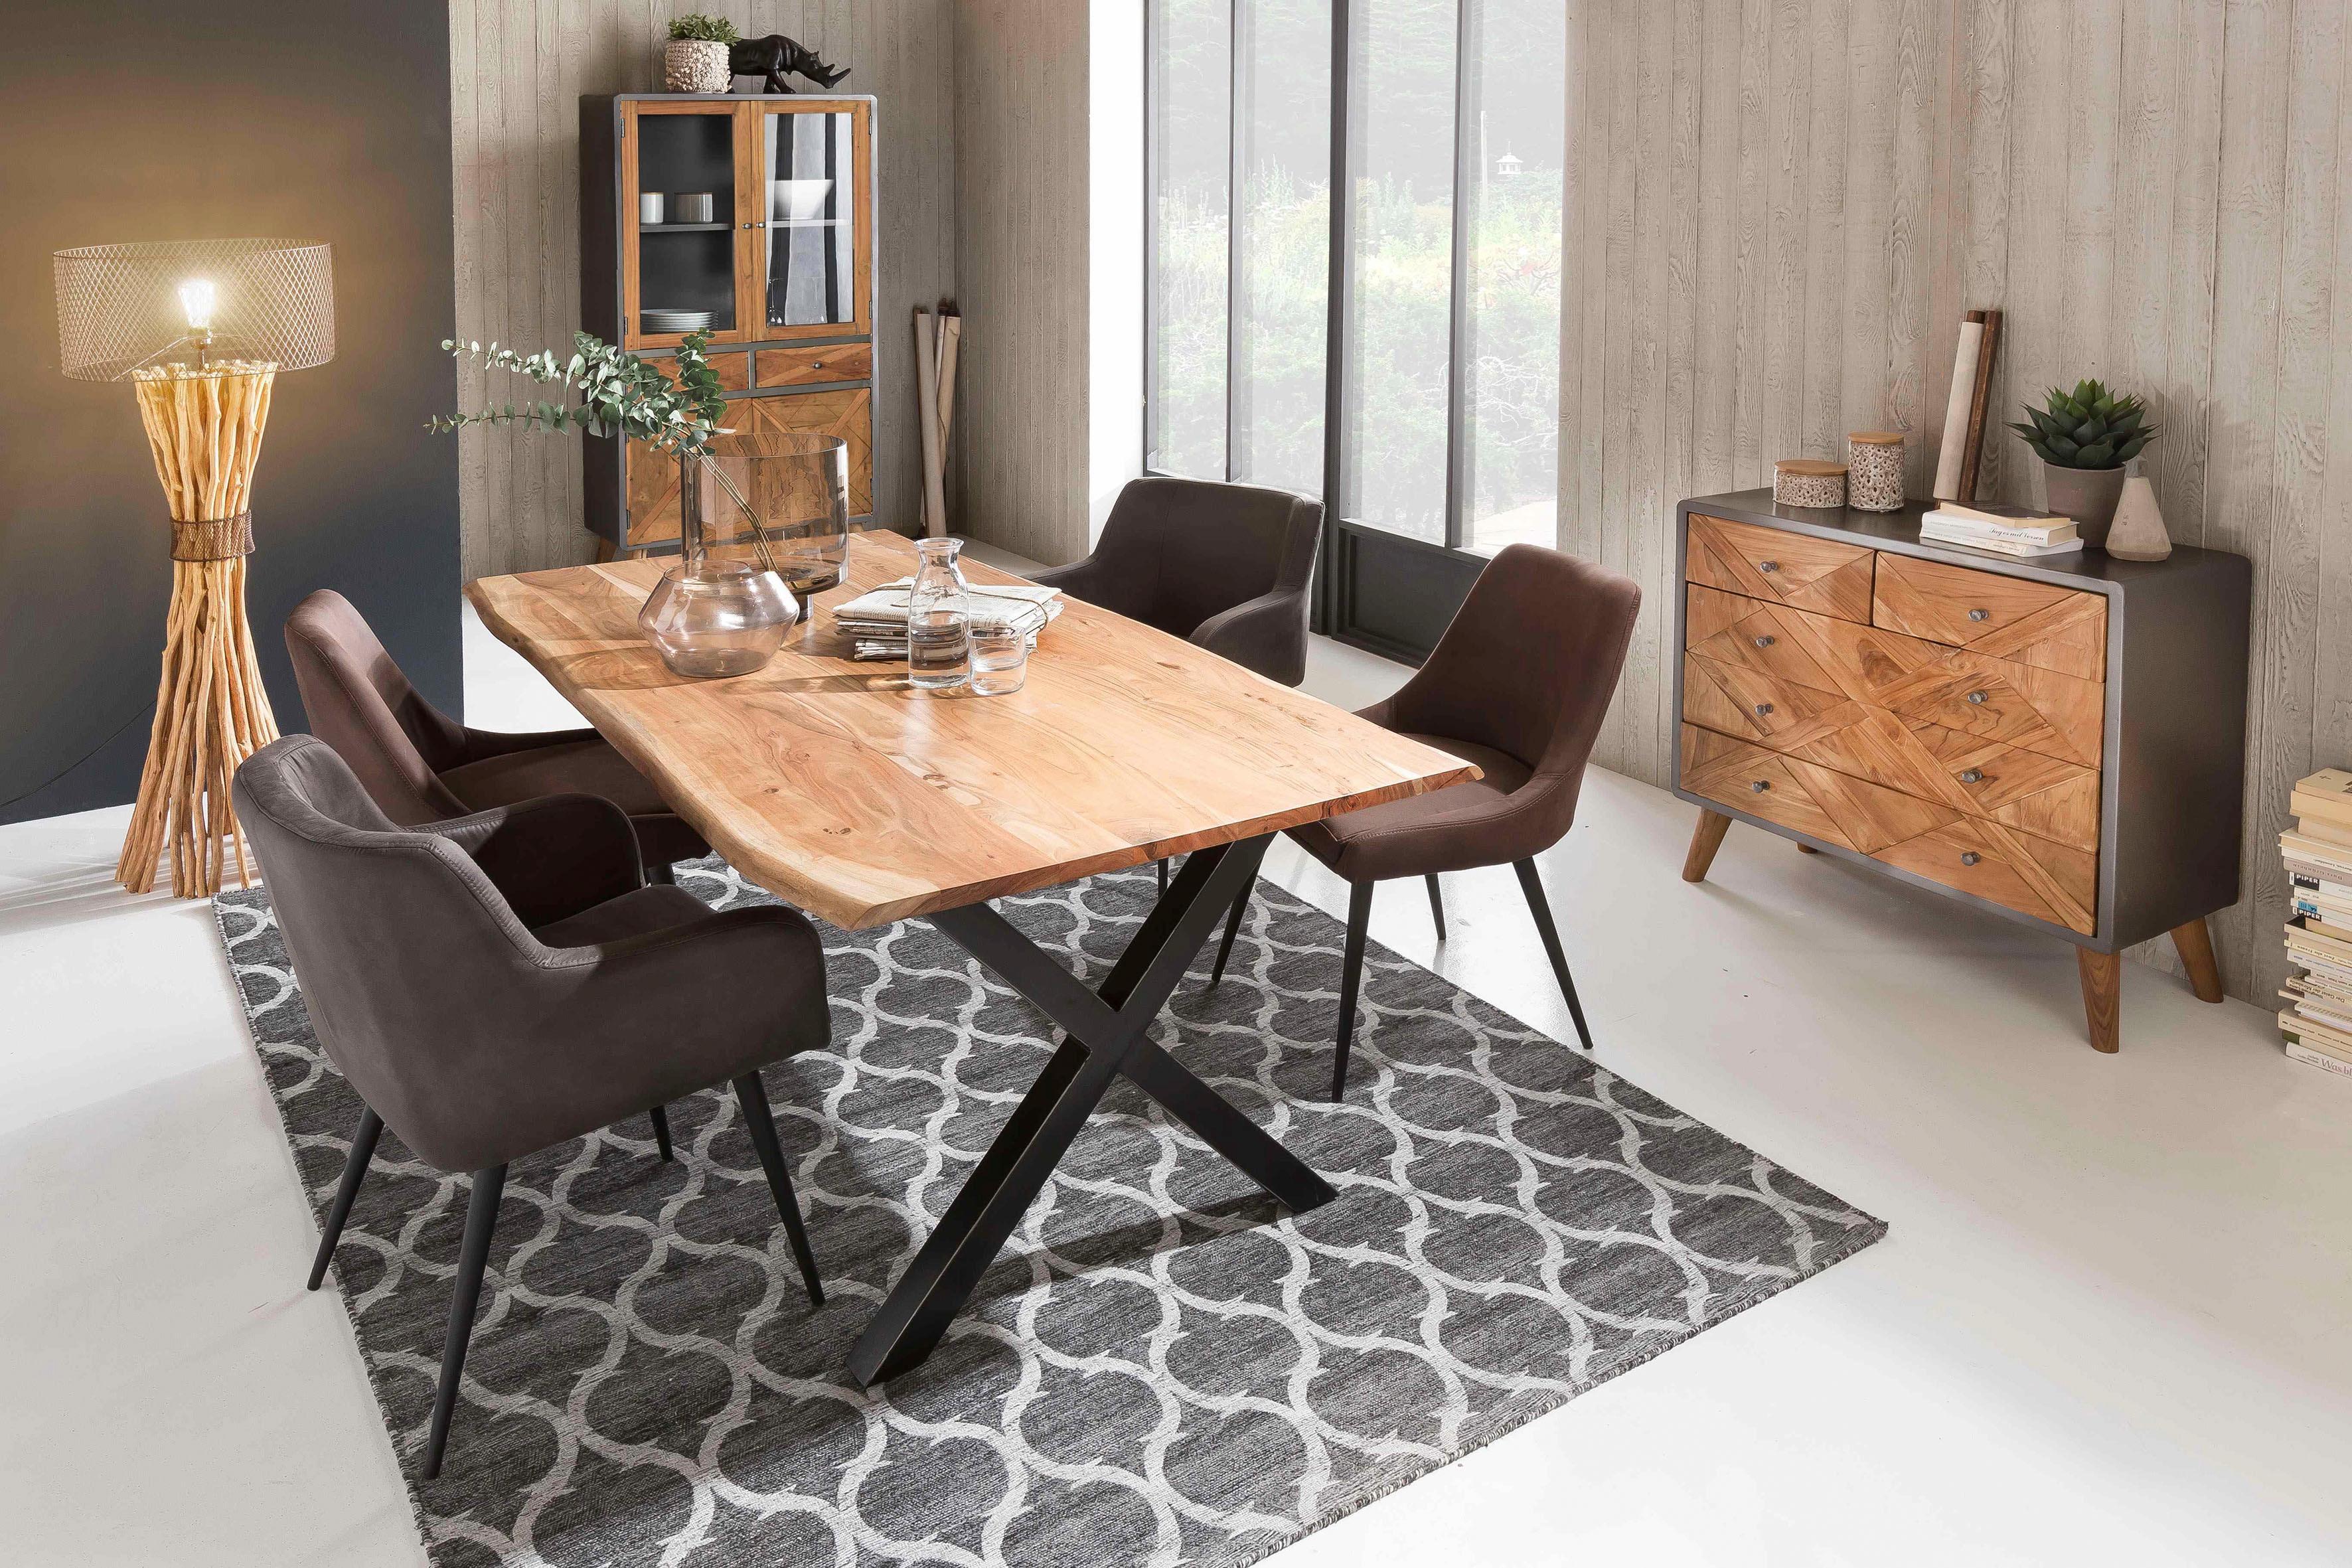 SIT Esstisch »Tops&Tables« aus massiver Akazie, mit Baumkantenoptik